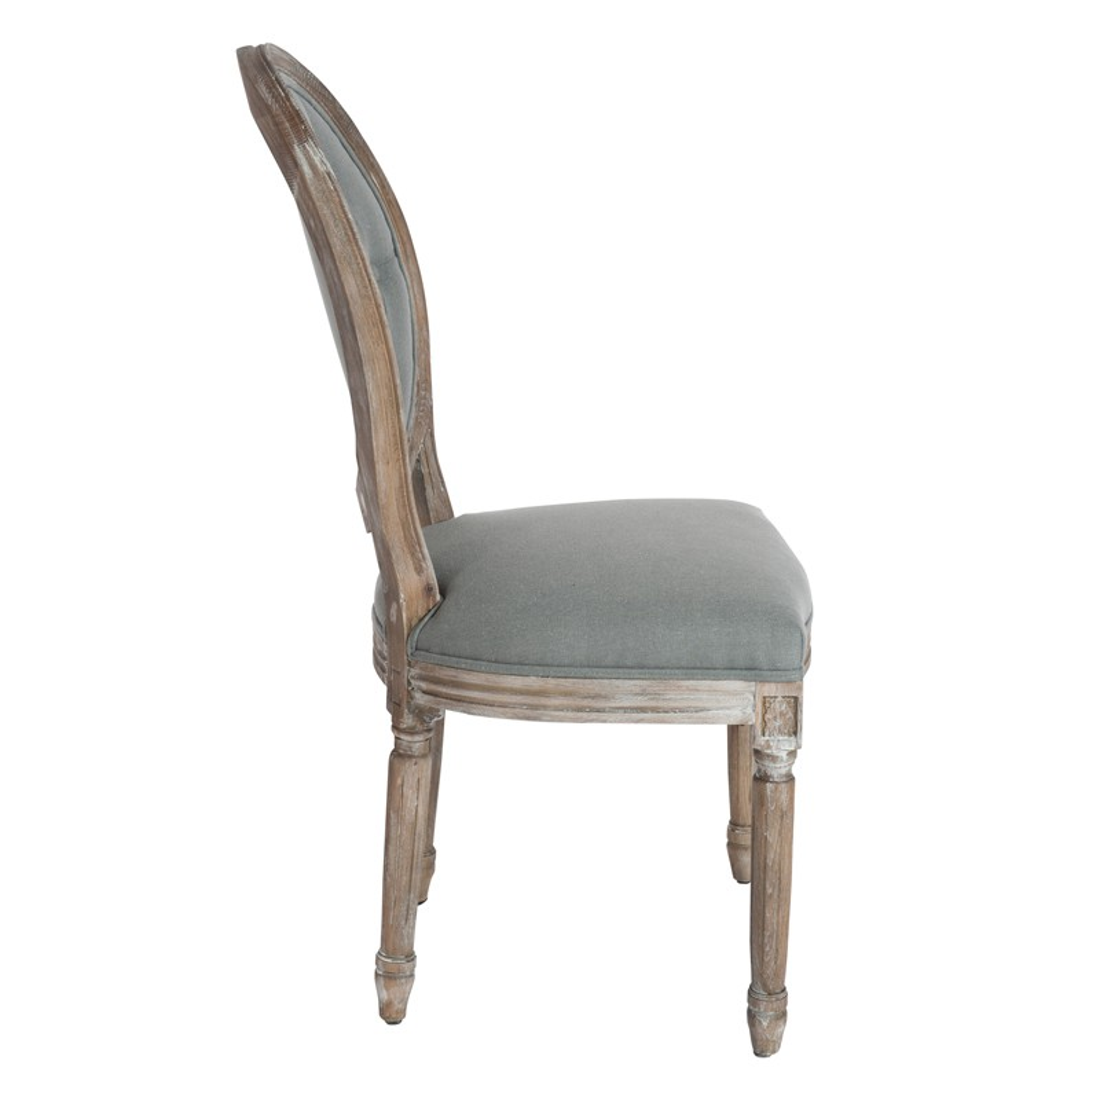 Duo de chaise louis xvi dossier capitonn grezia univers for Chaise salle a manger louis xvi